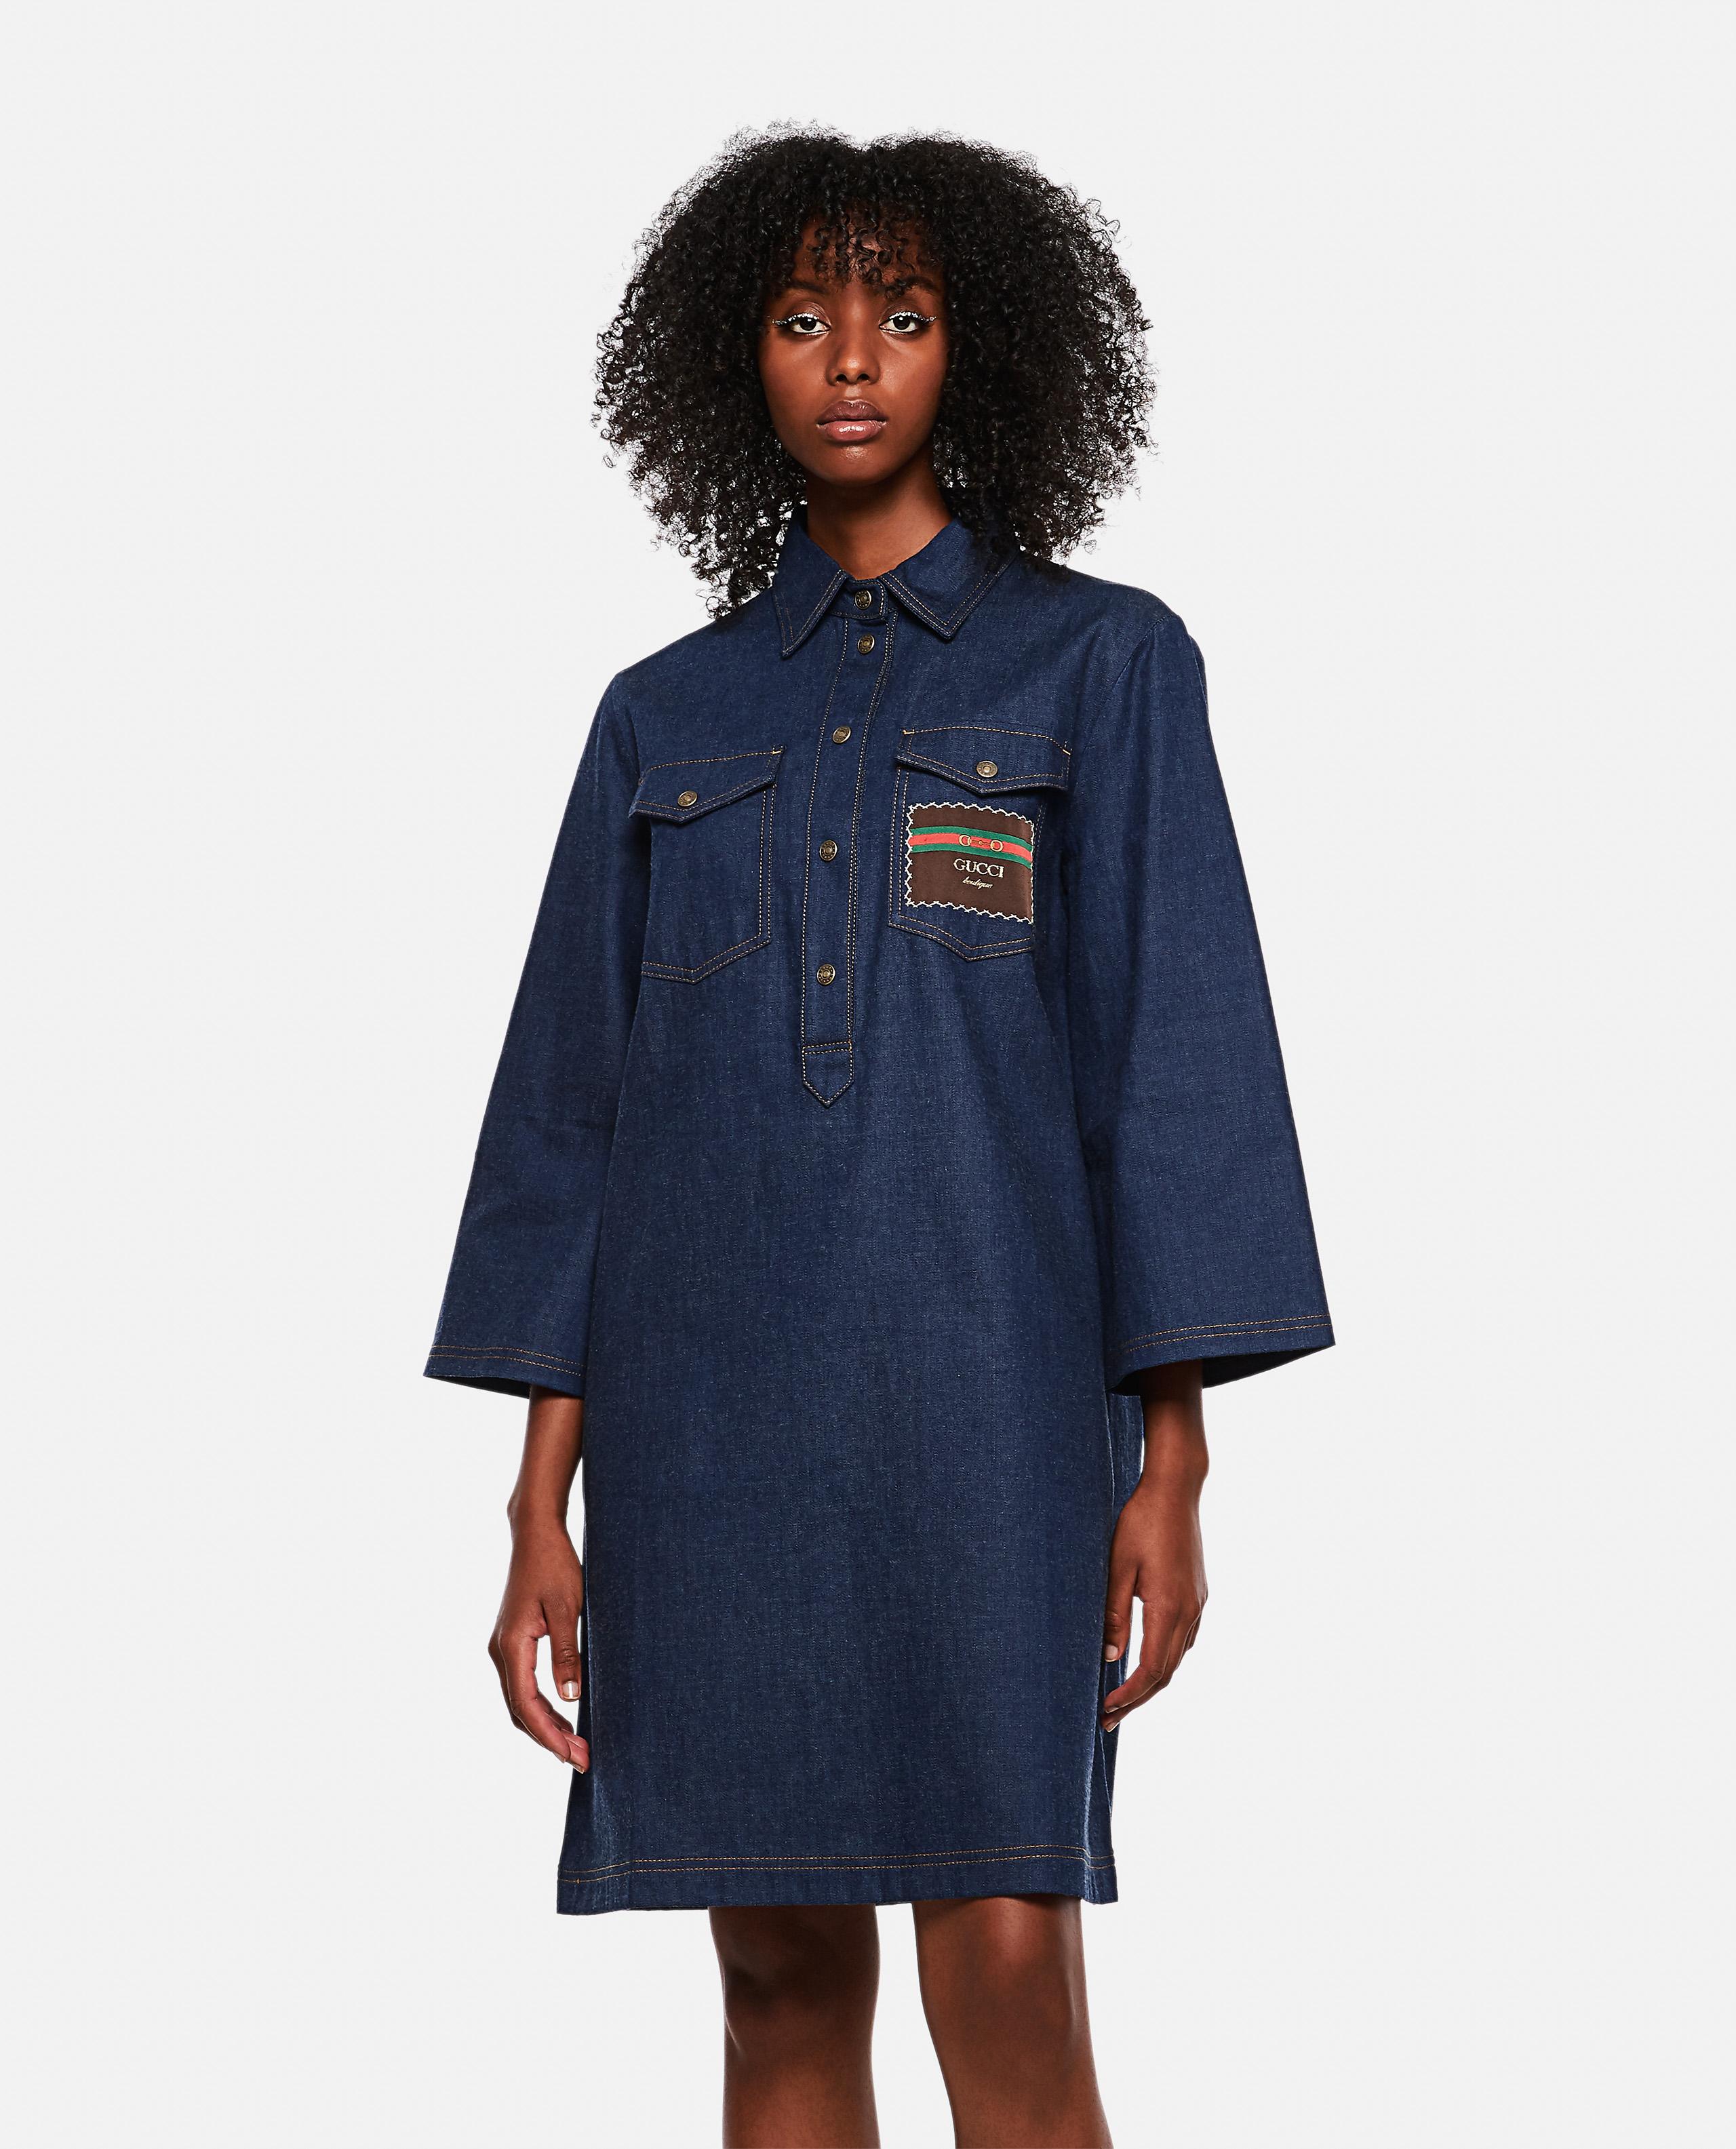 Short denim dress with Gucci Boutique